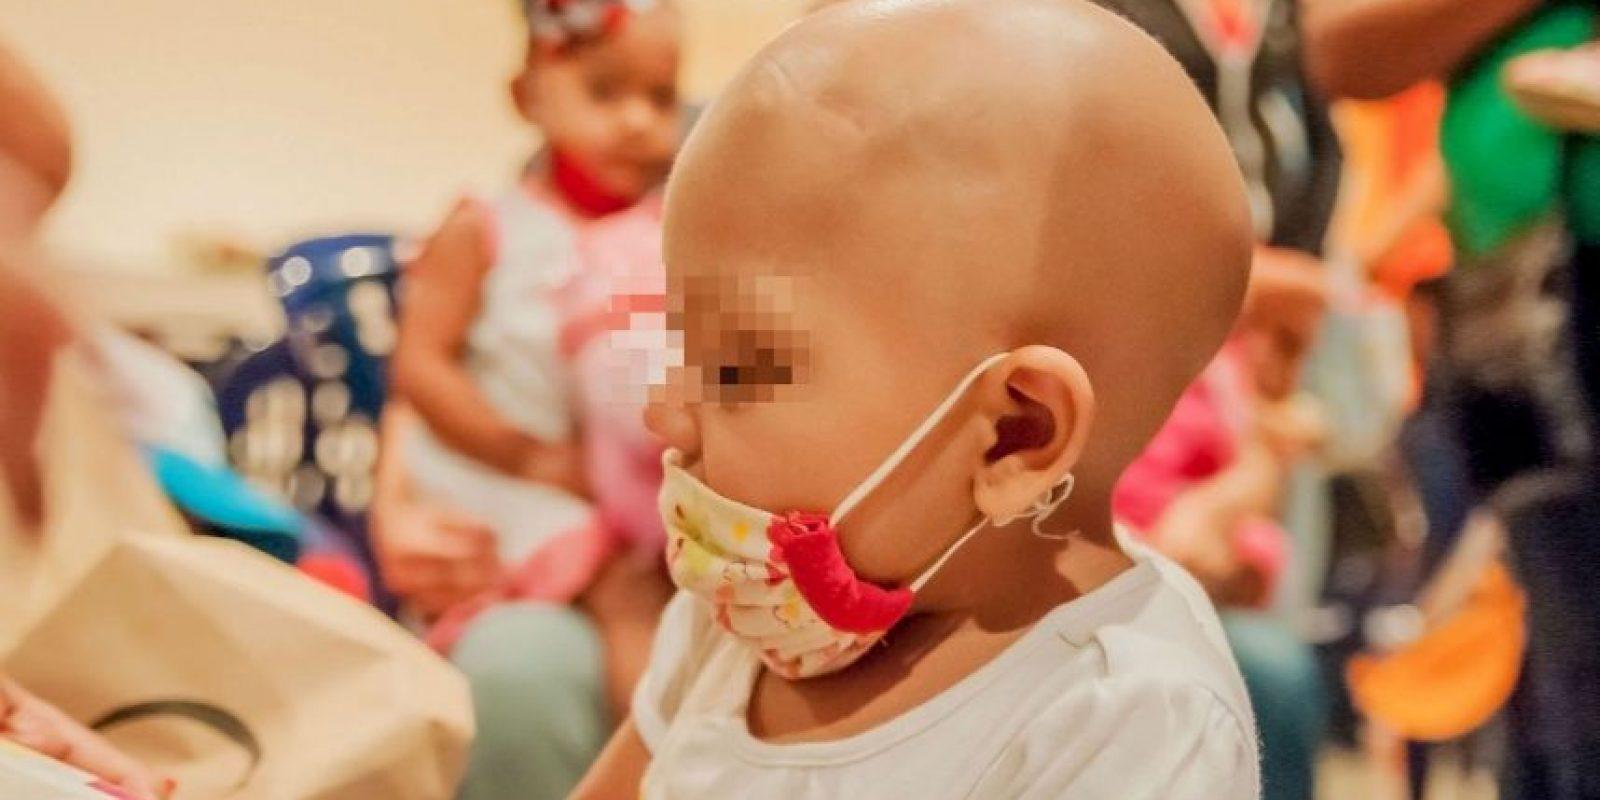 Los cánceres de la sangre, como las leucemias, en general no forman tumores sólidos. Foto:Flickr